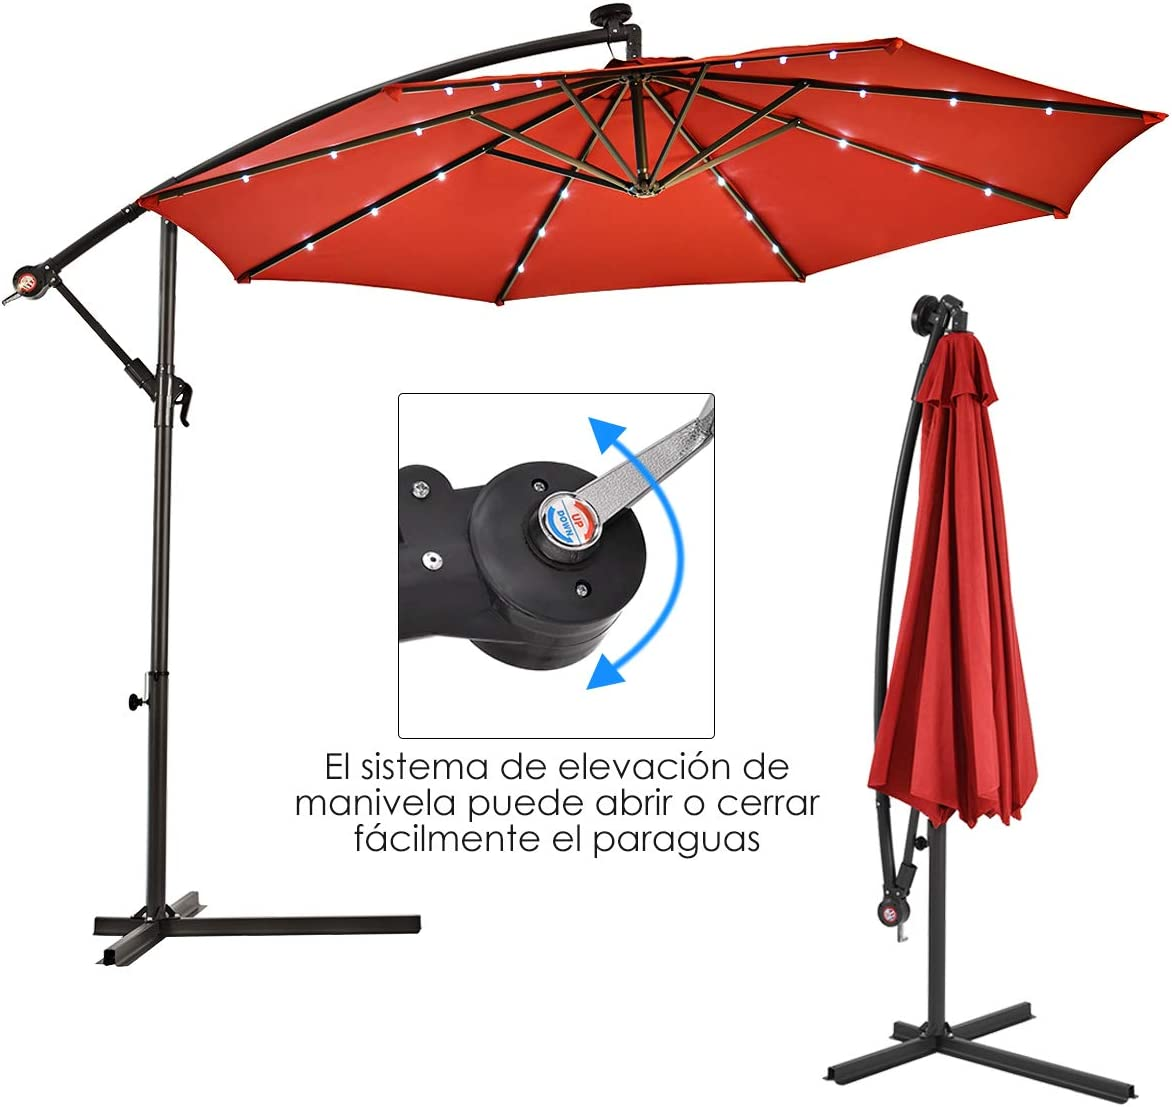 COSTWAY Sombrilla con LED Luces de Jard/ín de /Ø300cm Sombrilla Inclinable Parasol para Terraza Playa Piscina Patio Sin Base Beige